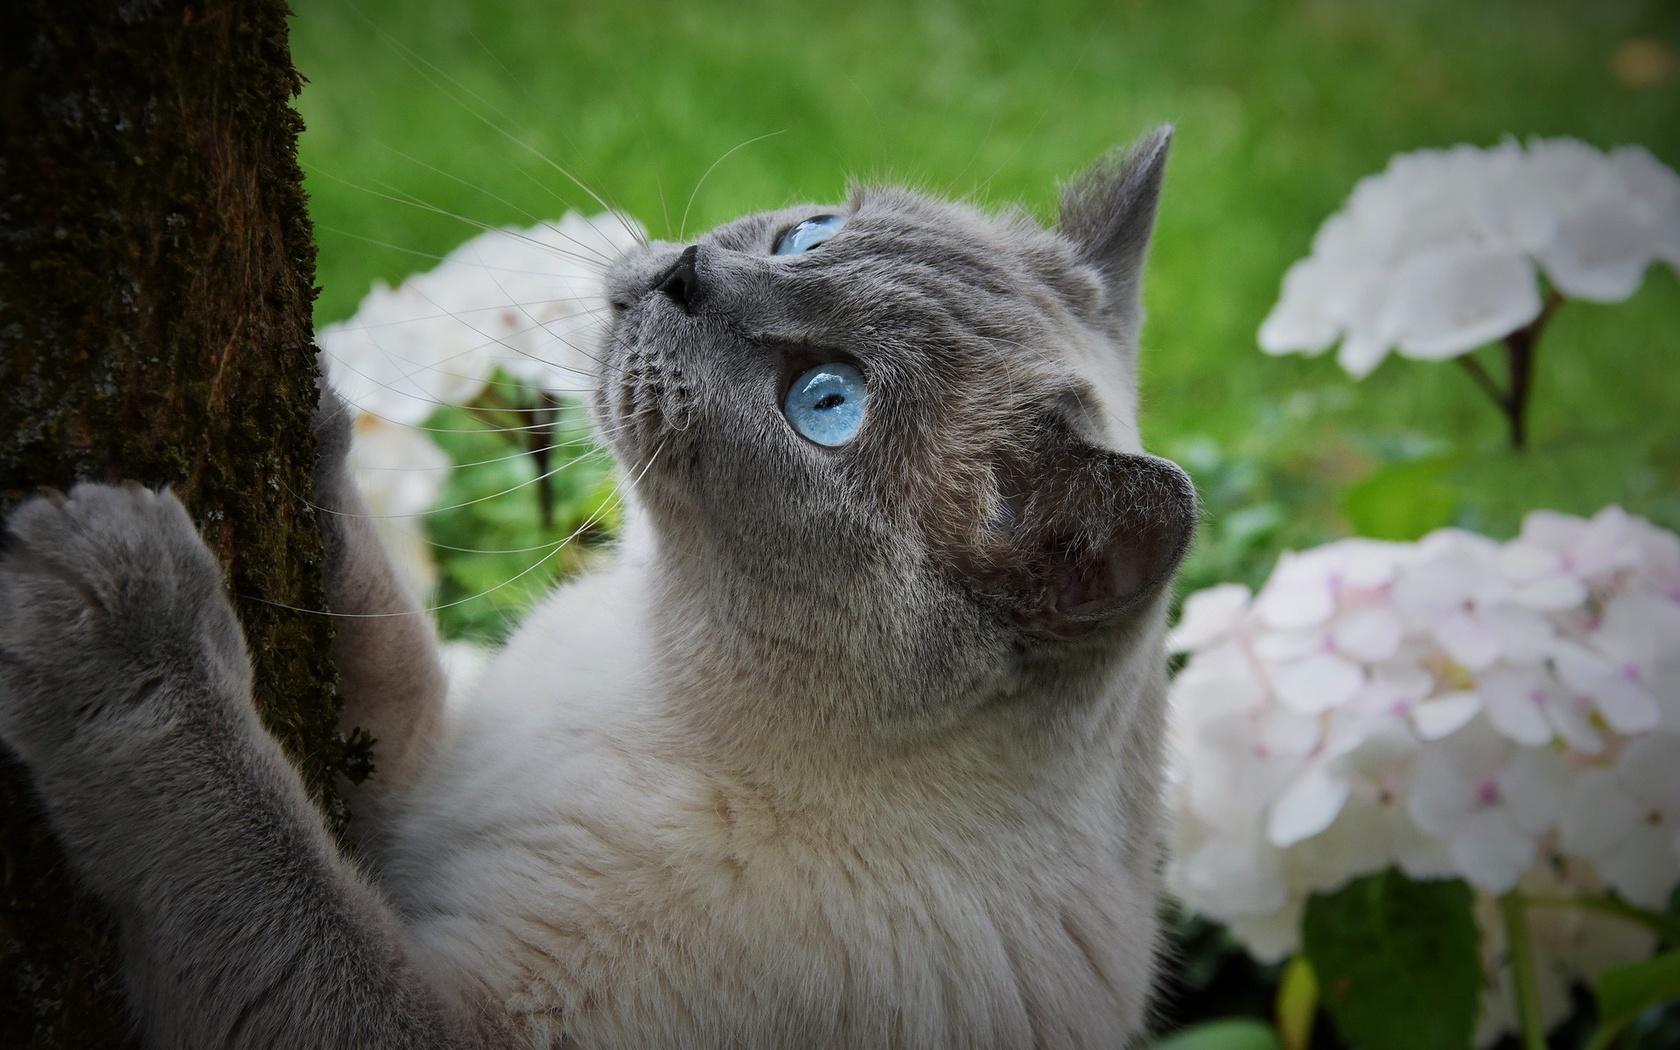 животное, кот, кошка, природа, ствол, дерево, цветы, лето